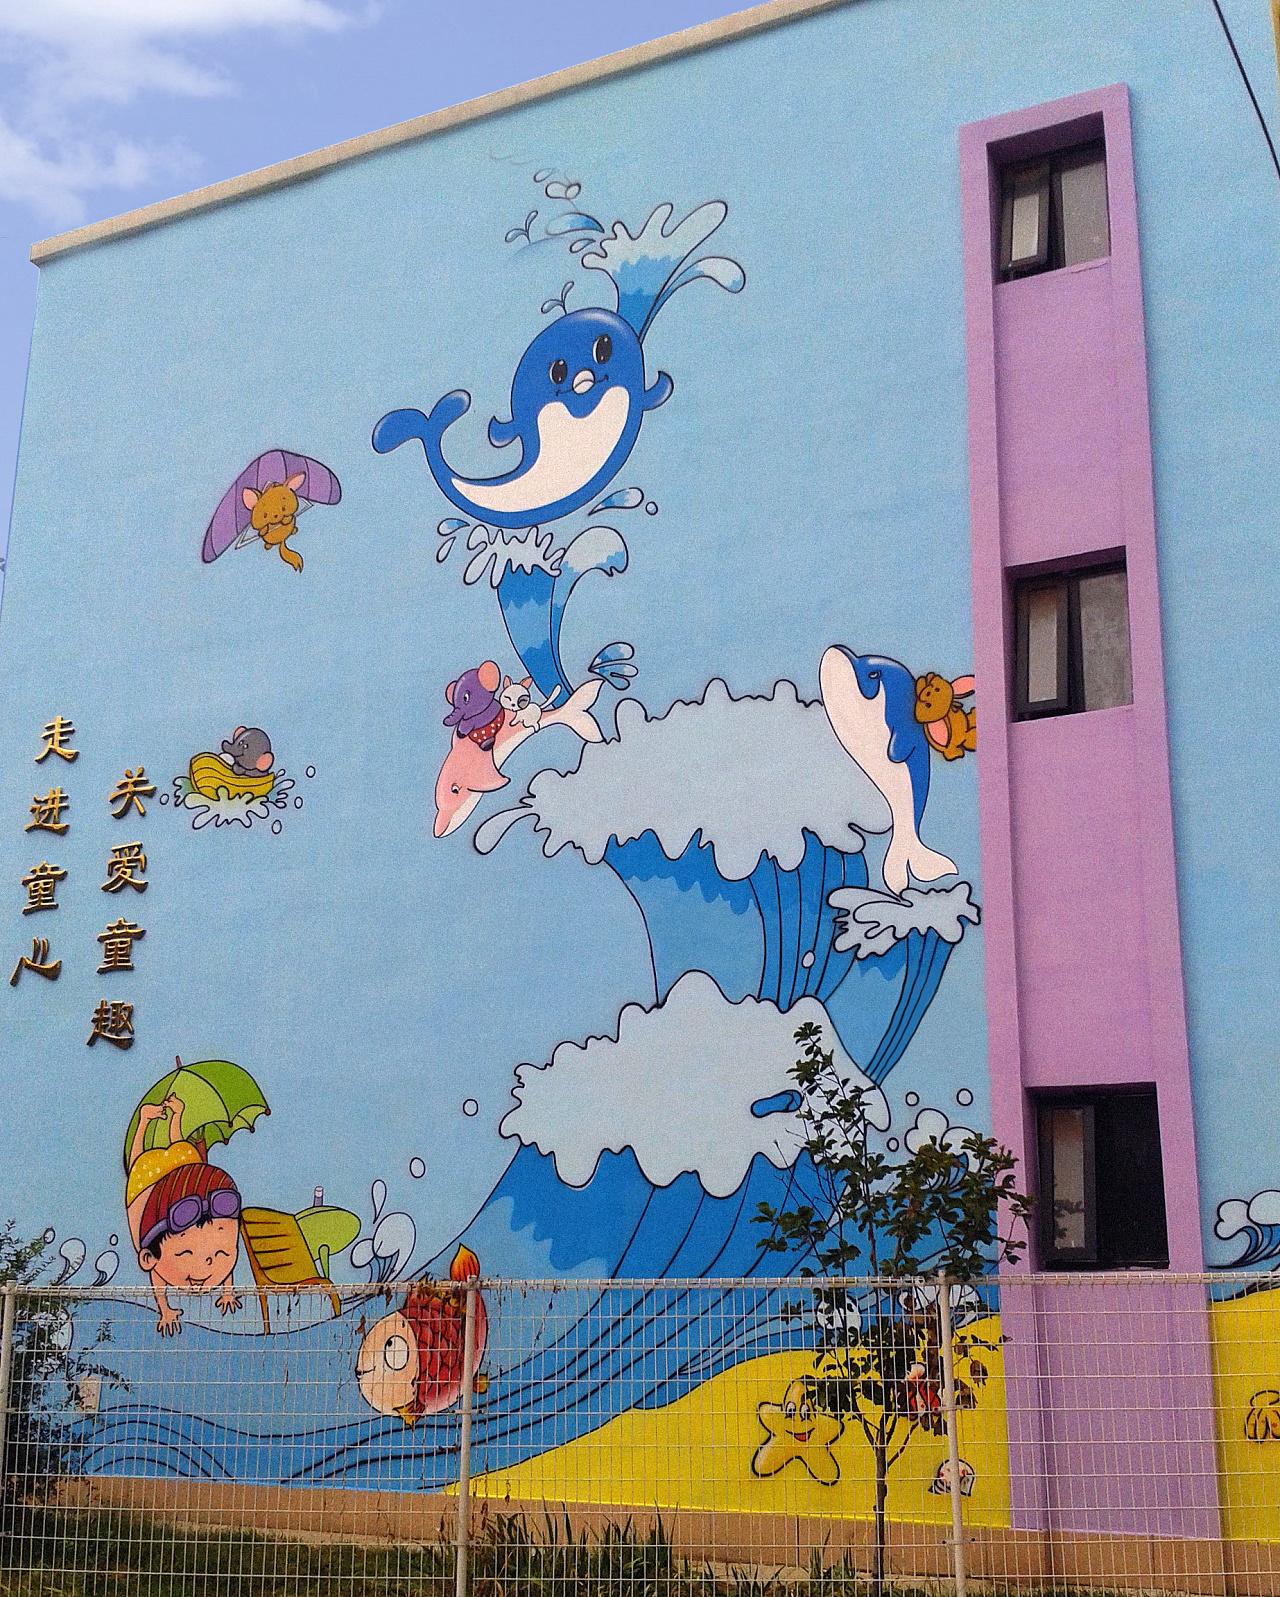 幼儿园外墙墙绘素材_幼儿园墙体彩绘 其他 墙绘/立体画 donluck - 原创作品 - 站酷 (ZCOOL)